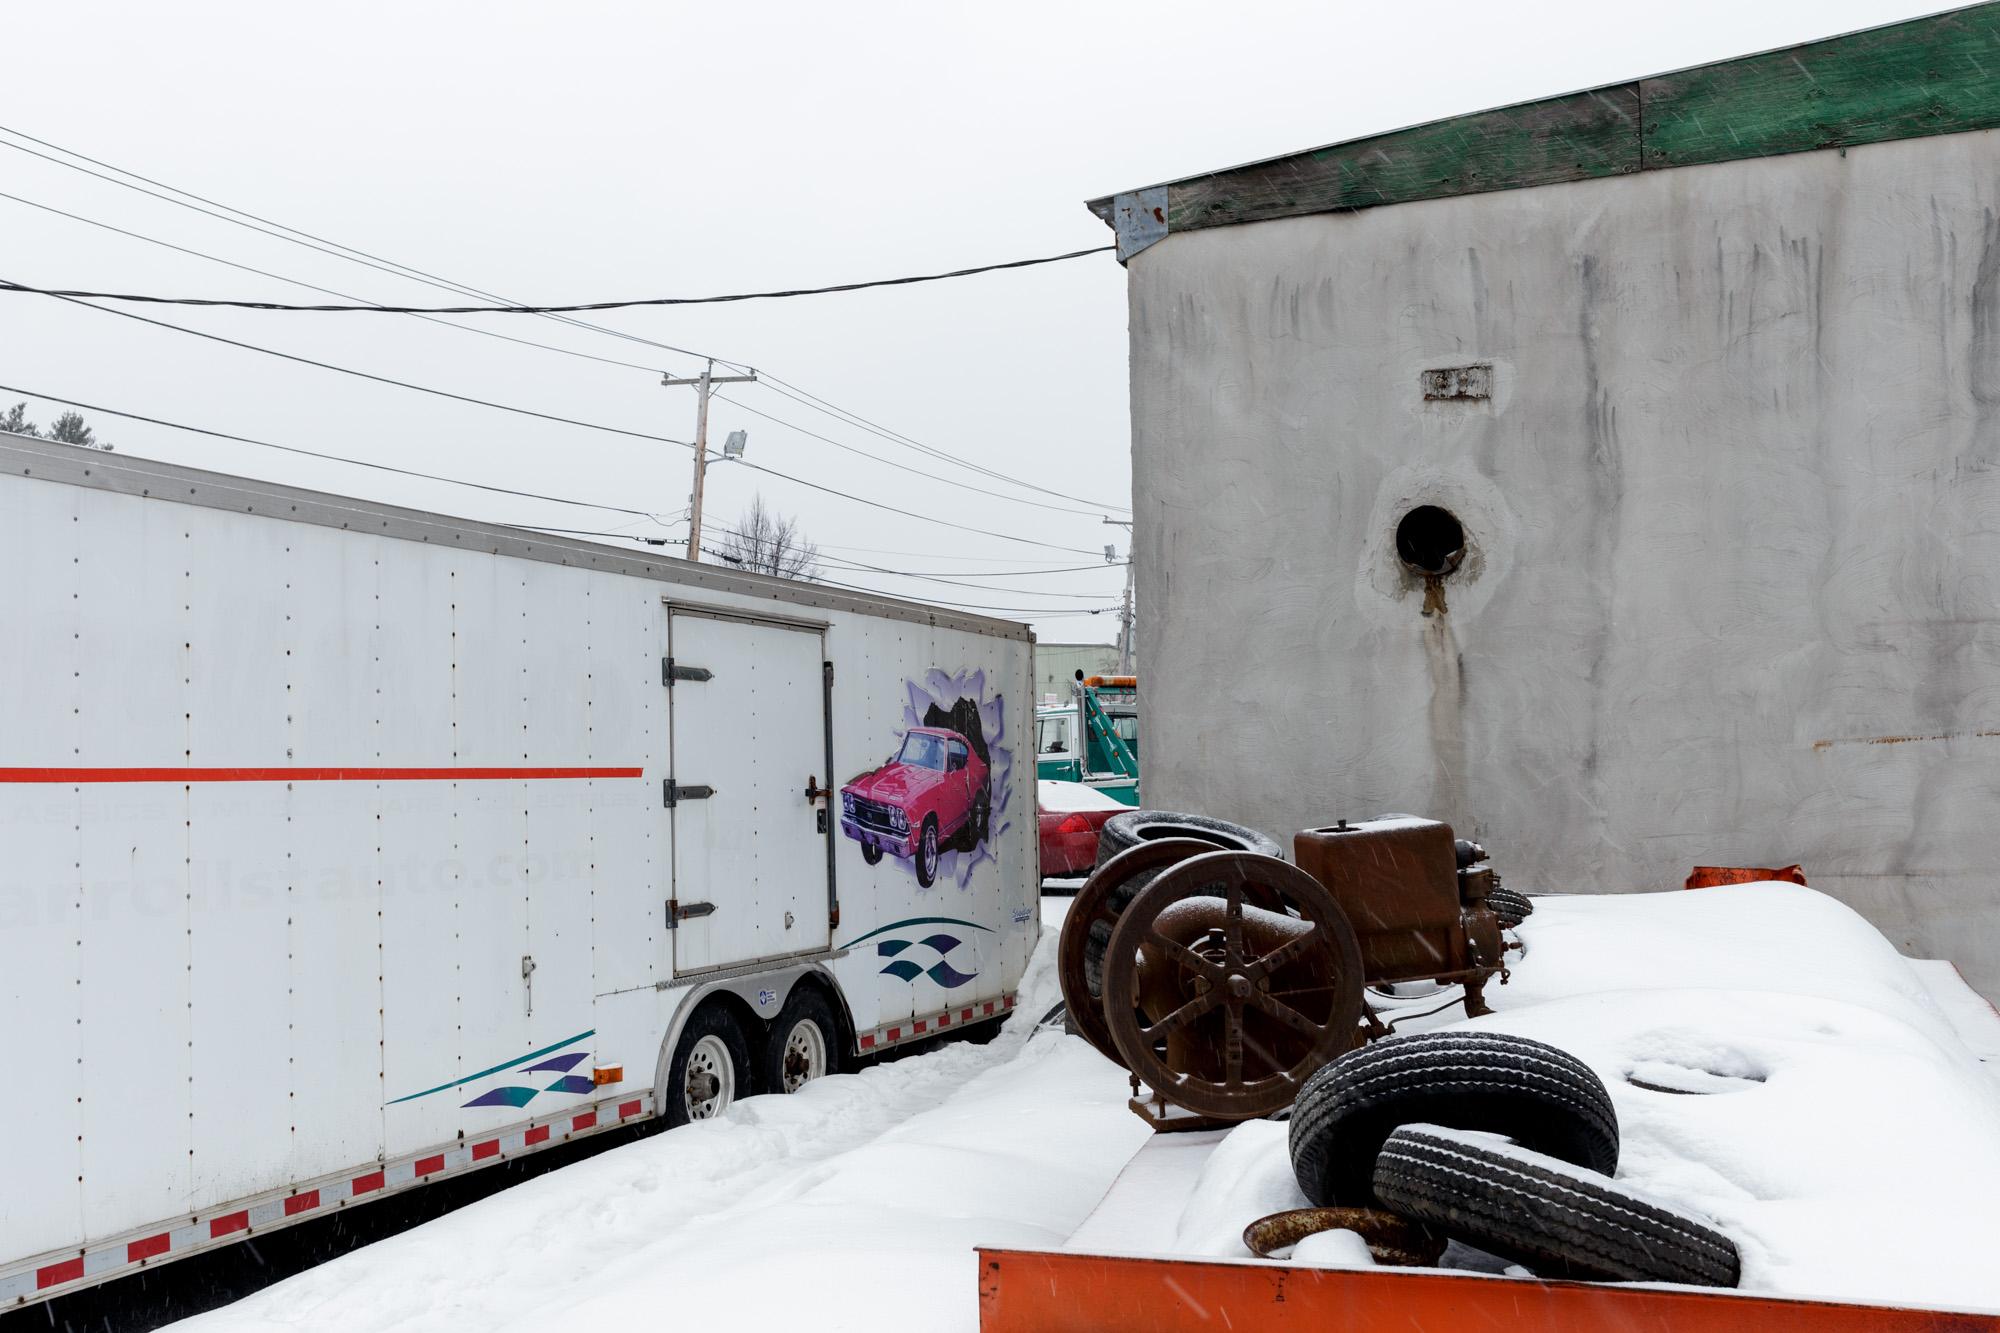 Behind Garage in Snow